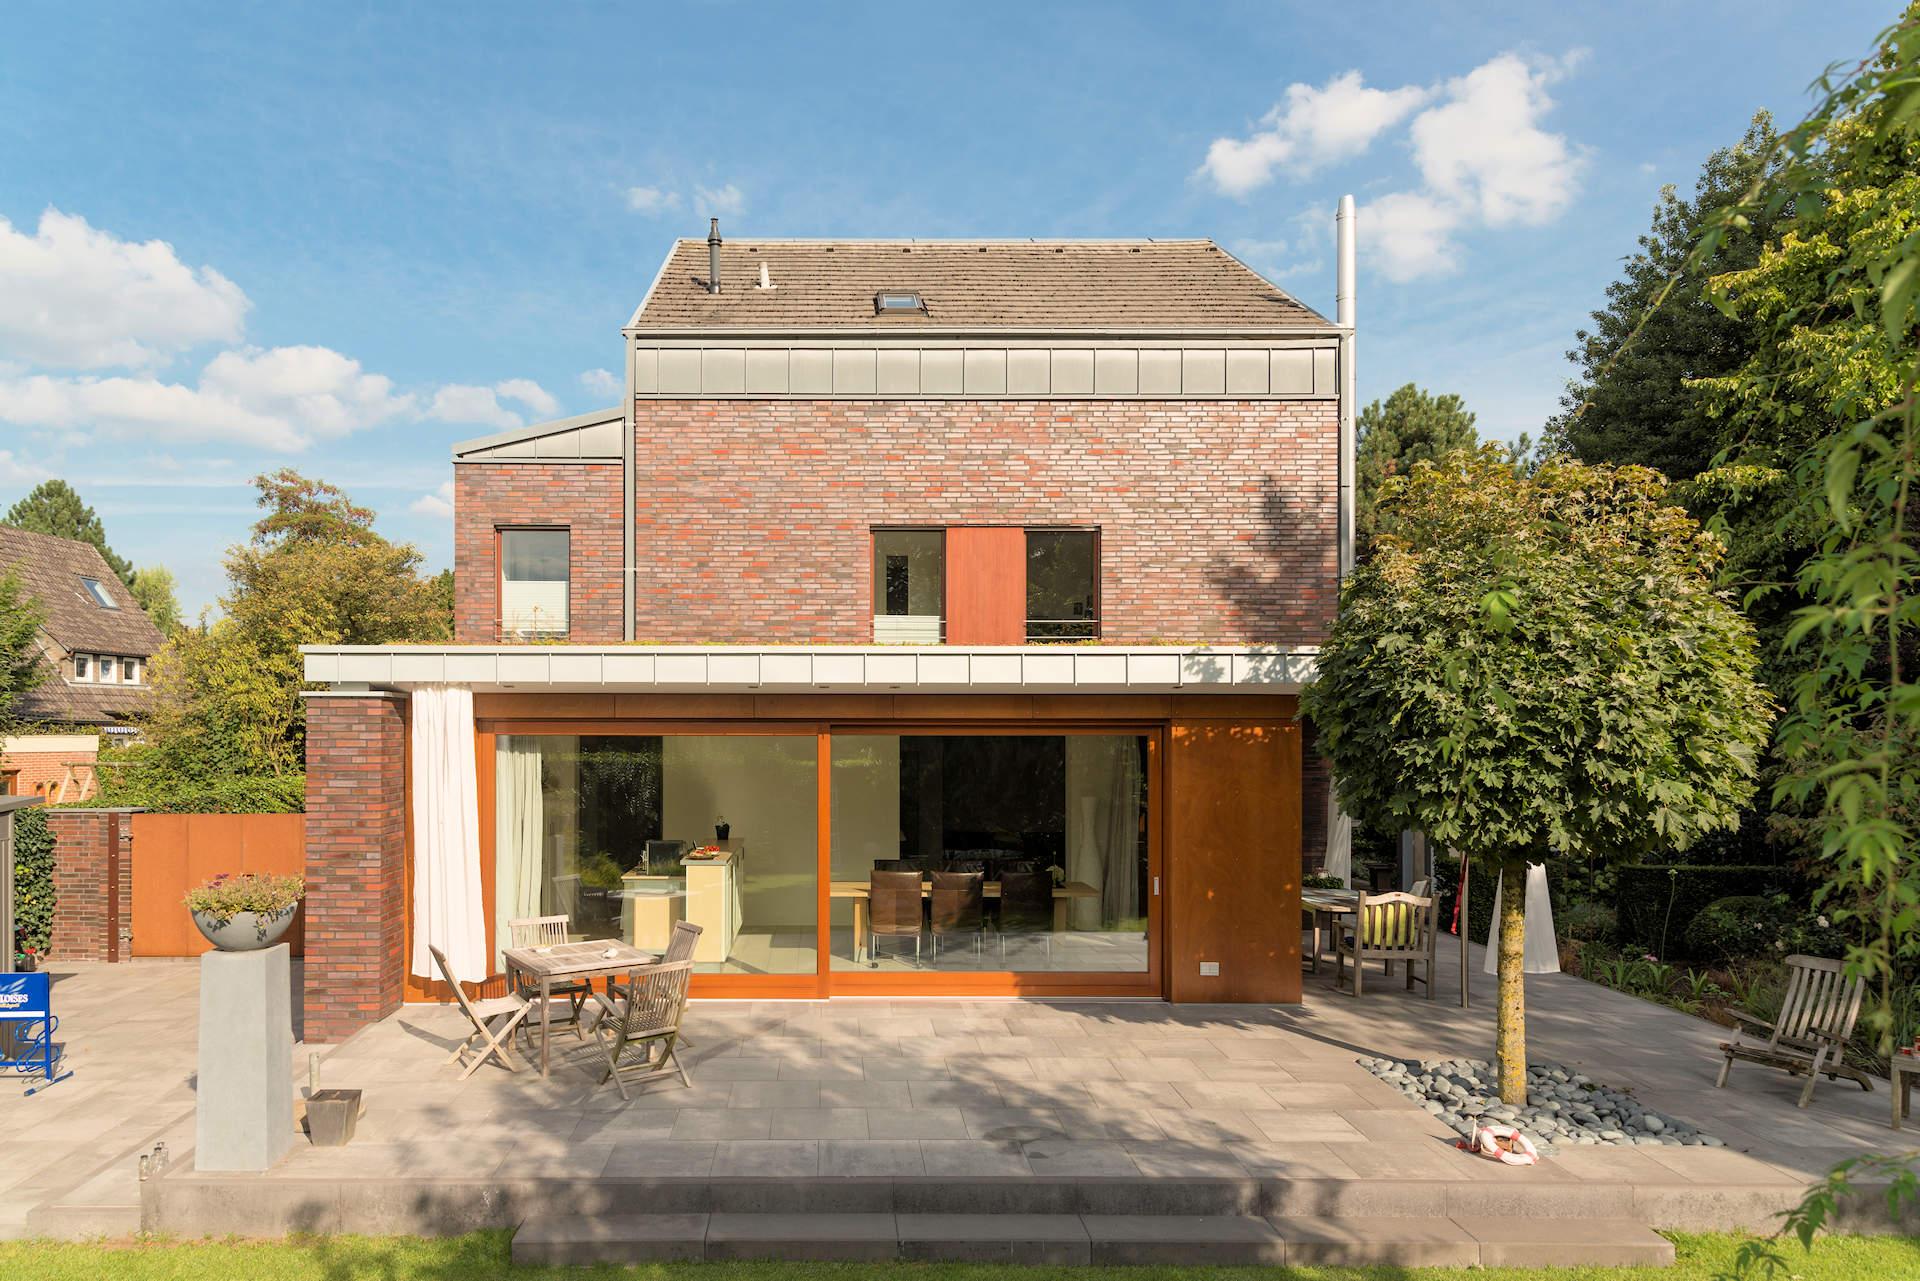 Wohnraumerweiterung mit Terrassenüberdachung, Hebe-Schiebe-Tür